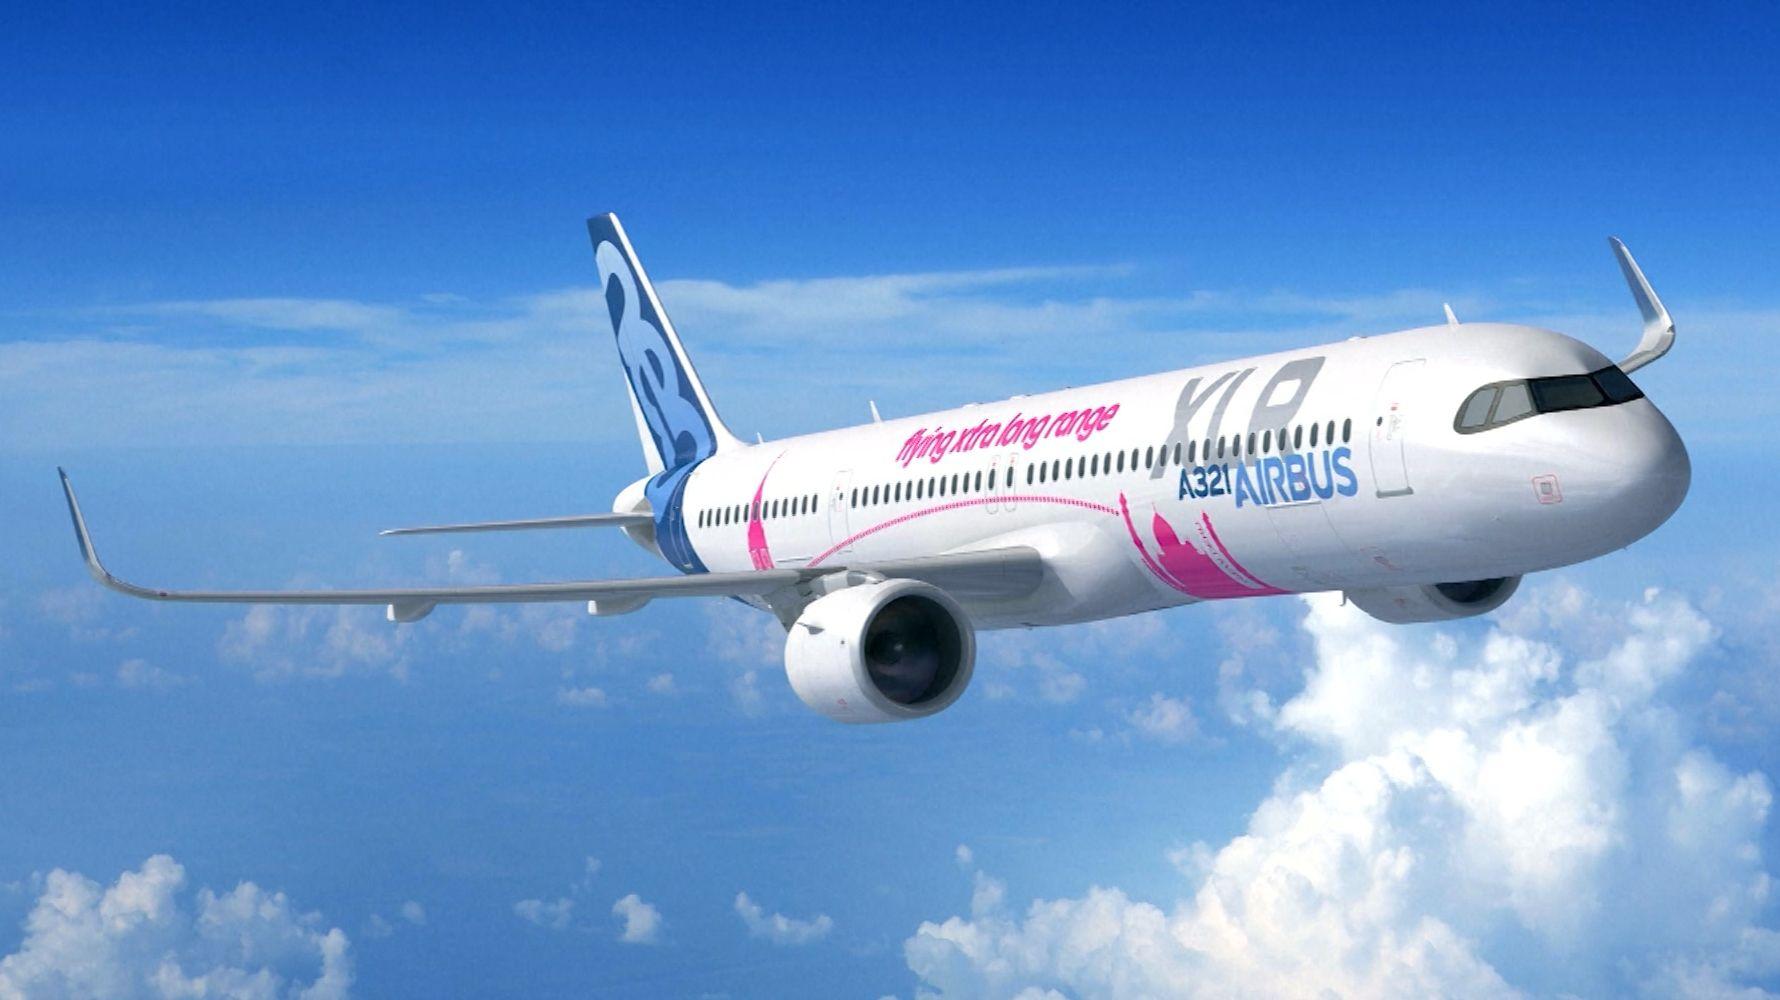 Der erste Tag der weltgrößten Luftfahrtmesse im französischen Le Bourget war von der Präsentation des neuen Airbus-Modells A321 sowie von der Besiegelung des europäischen Kampfjet-Projekts von Deutschland, Frankreich und Spanien geprägt.